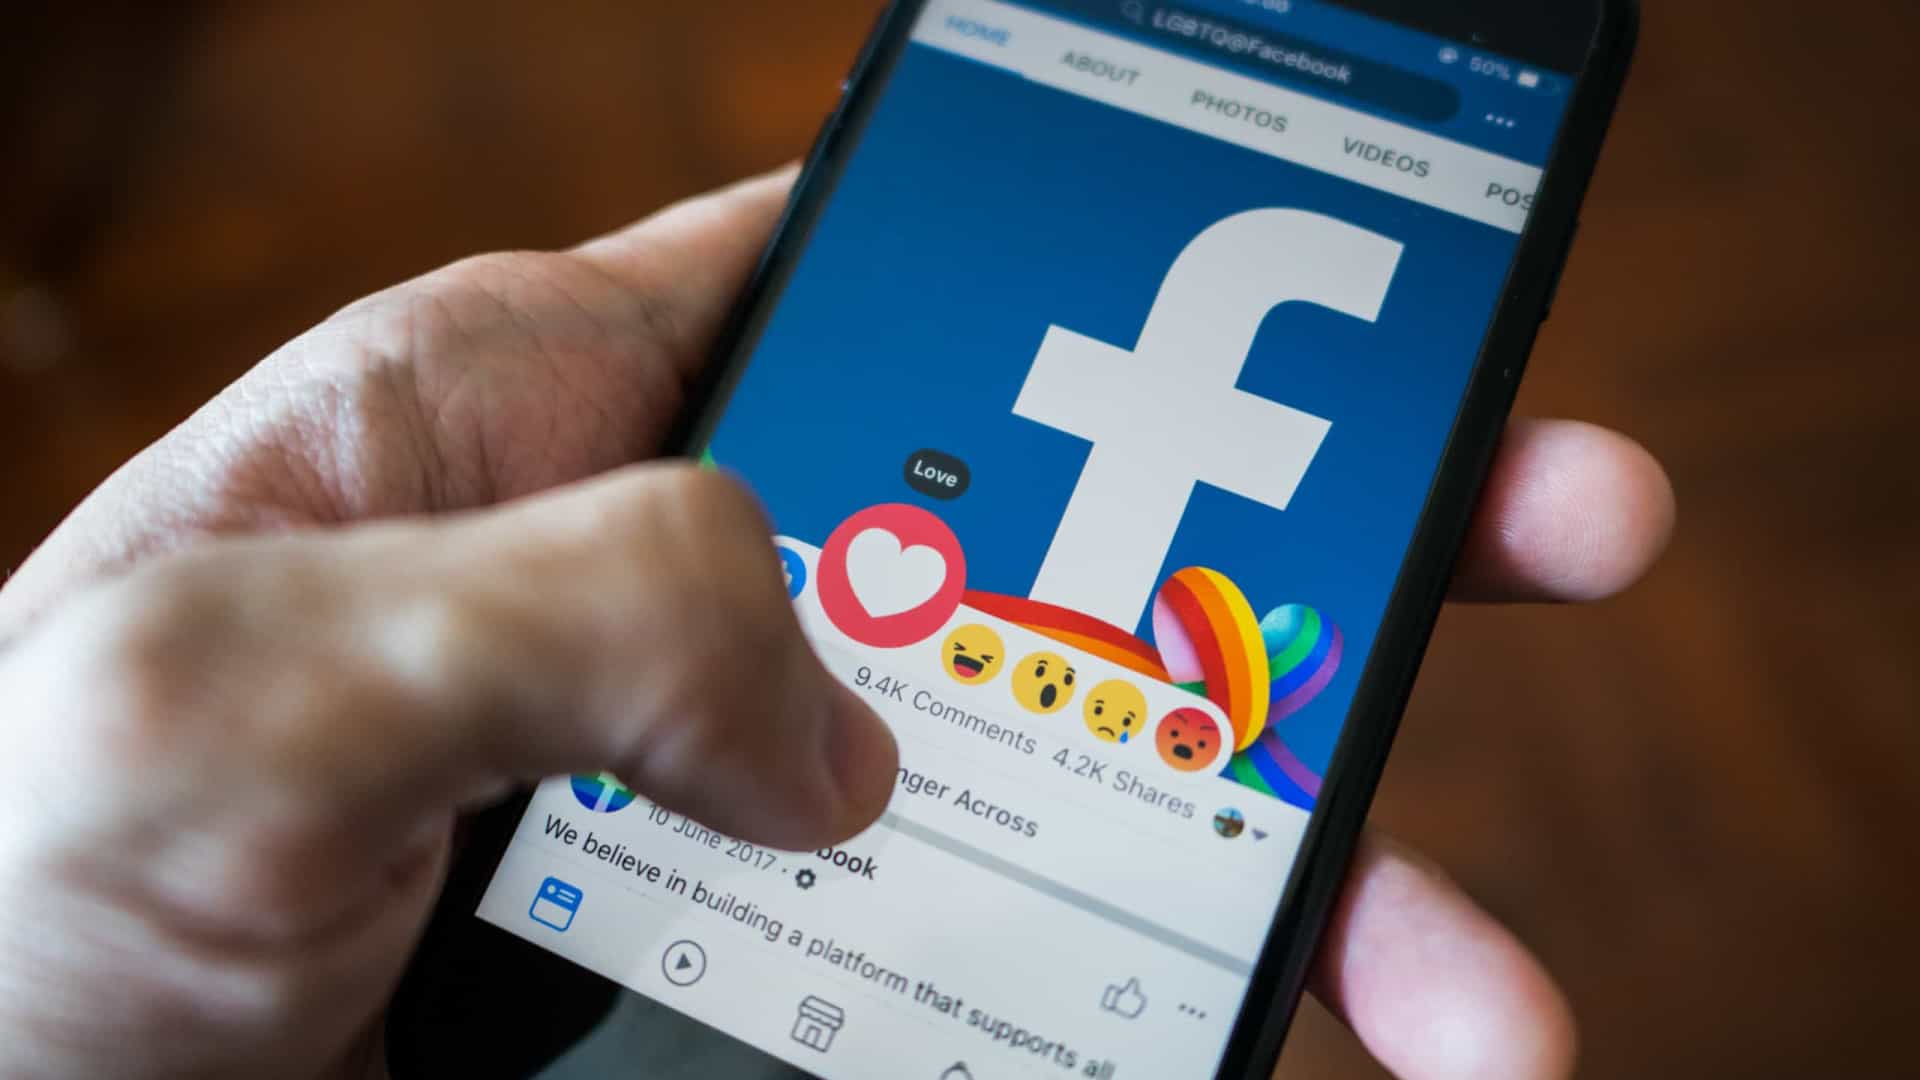 Facebook cria no Brasil programa de aceleração de startups